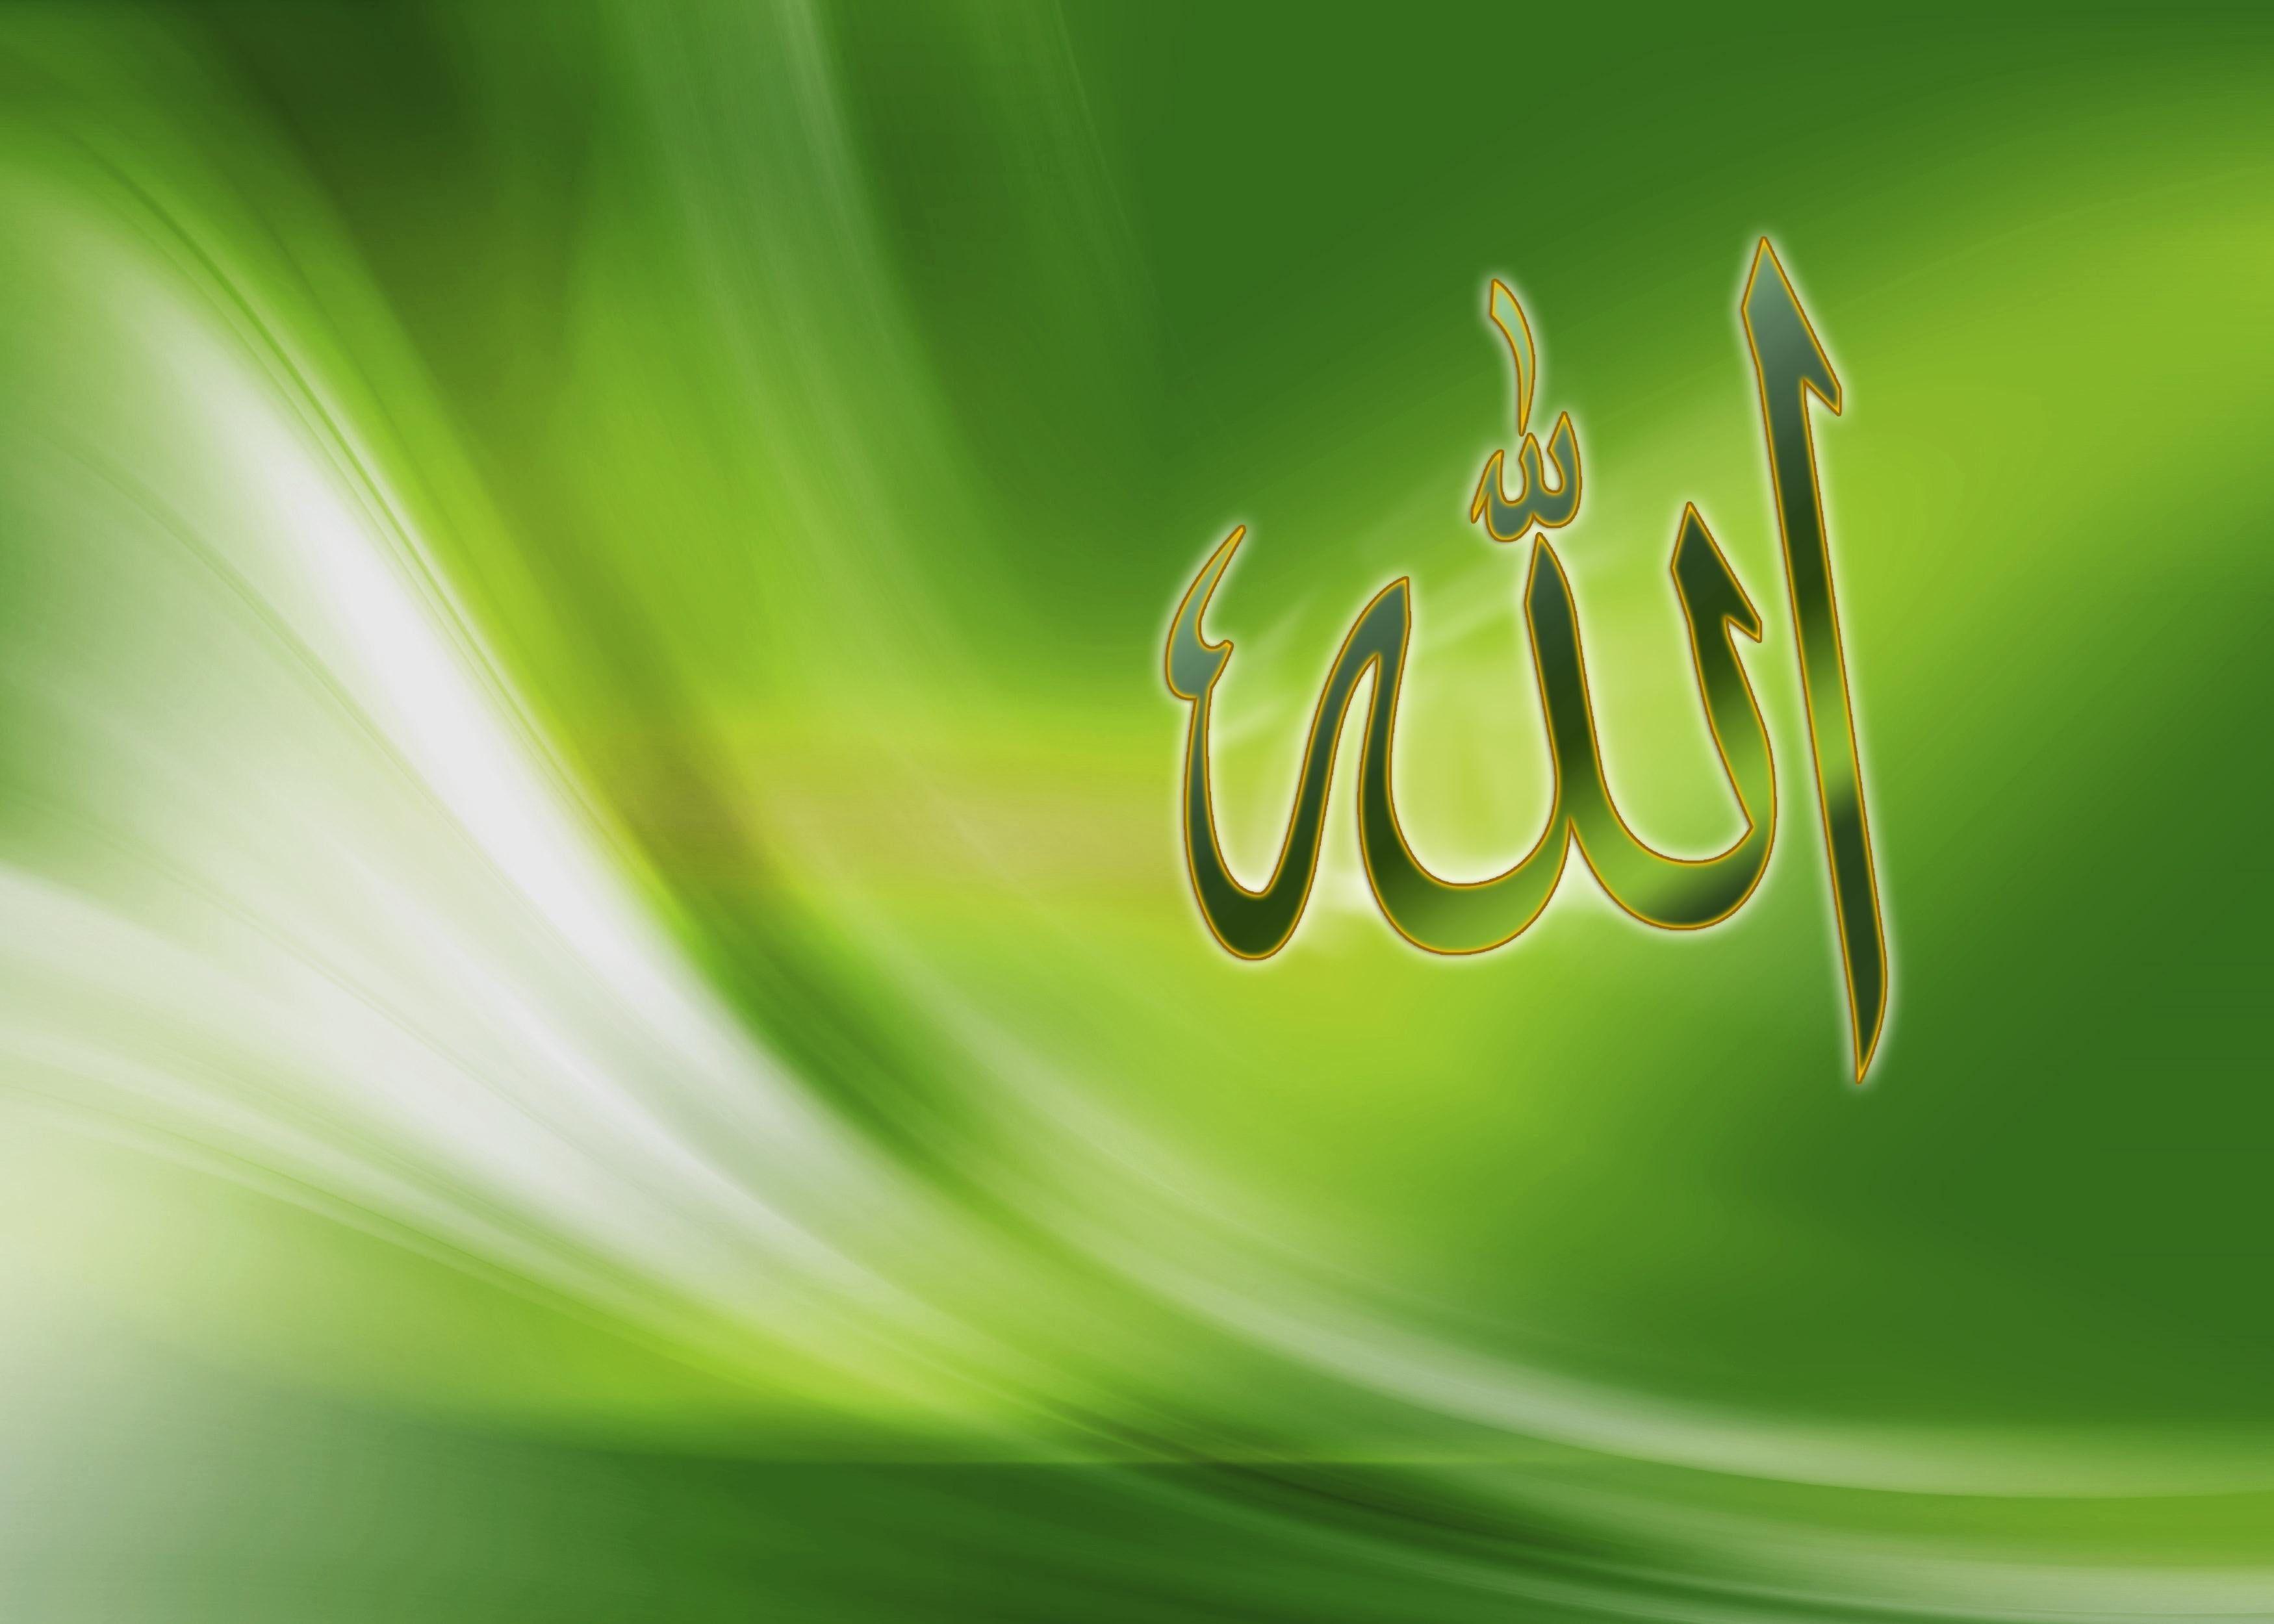 Allah Calligraphy Allah Islam Wallpapers Vista 2k Wallpaper Hdwallpaper Desktop Allah Wallpaper Name Wallpaper Hd Wallpaper Desktop